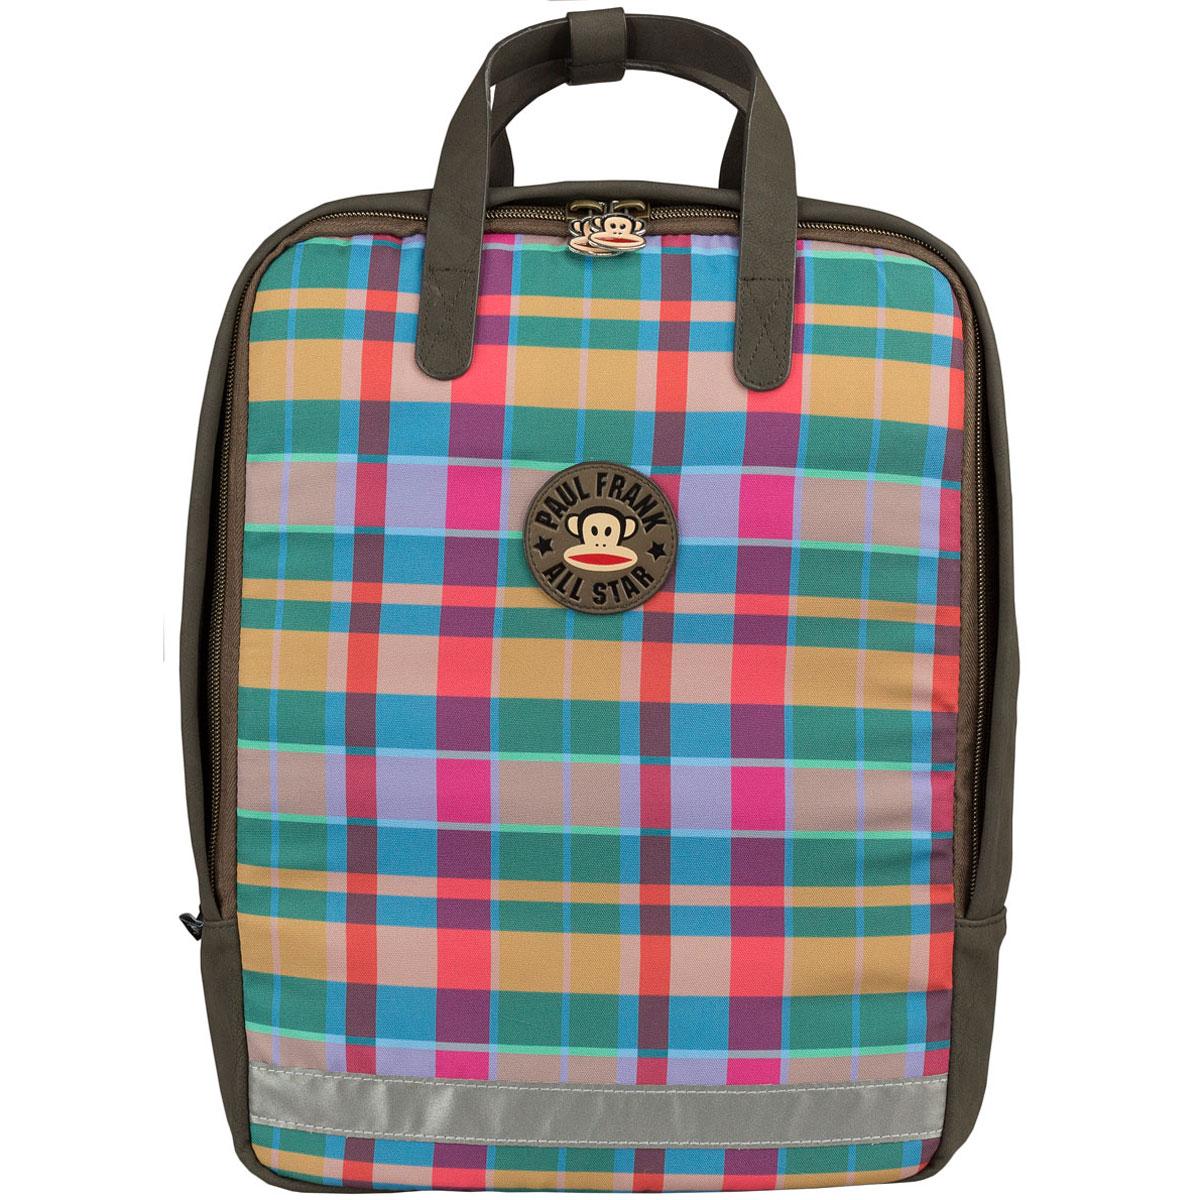 Сумка-рюкзак молодежная Paul Frank, цвет: коричневый, мультицветPFCB-UT1-615Молодежная сумка-рюкзак Paul Frank выполнена из высококачественных материалов. Содержит одно вместительное отделение на застежке-молнии с двумя бегунками. Внутри отделения находится мягкий карман для гаджетов, прорезной карман на застежке-молнии и два открытых кармашка. Дно сумки-рюкзака можно сделать жестким, разложив специальную пластиковую панель. Мягкие широкие регулируемые по длине лямки, при желании их можно убрать в специальное отделение на спинке. Фронтальная сторона изделия уплотнена поролоном. Сверху сумка-рюкзак оснащена петлей для подвешивания и двумя ручками для переноски в руке, а с помощью фиксатора на кнопке их можно соединить в одну. Светоотражающие элементы обеспечивают дополнительную безопасность в темное время суток. Такую сумку-рюкзак можно использовать для повседневных прогулок, отдыха и спорта, а также как элемент вашего имиджа. Рекомендуемый возраст: от 13 лет.